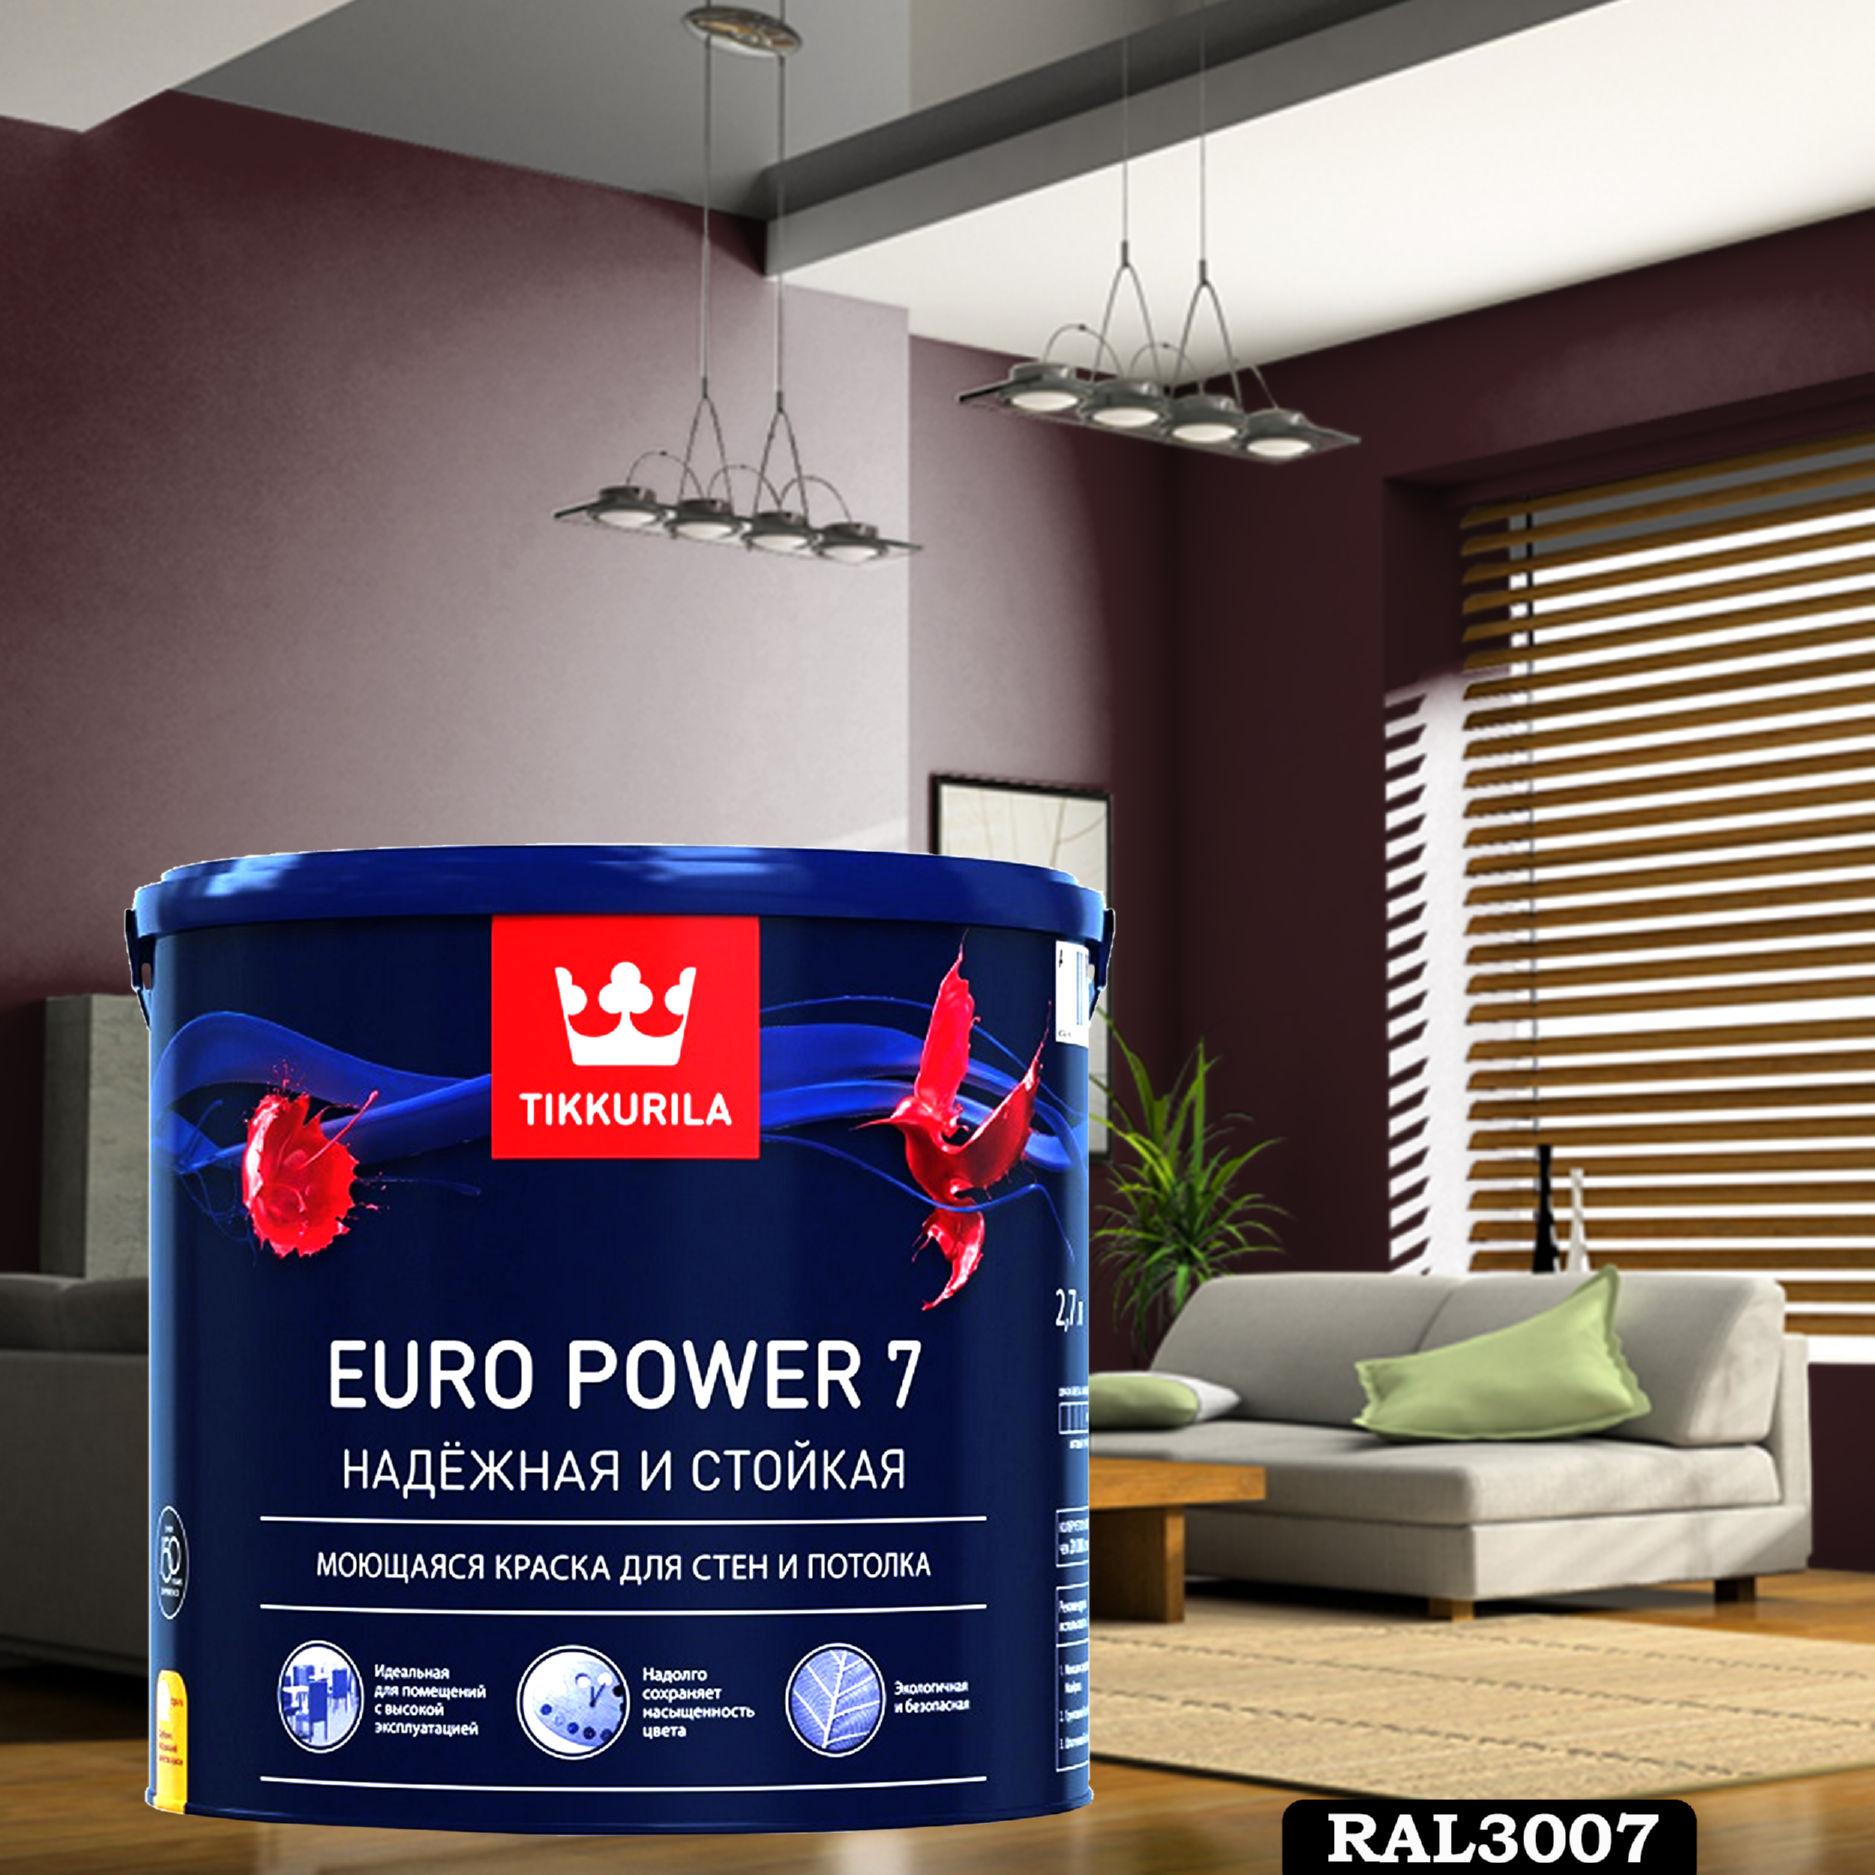 Фото 7 - Краска TIKKURILA Euro Power 7,  RAL 3007 Чёрно-красный, латексная моющаяся матовая интерьерная, 9 л.